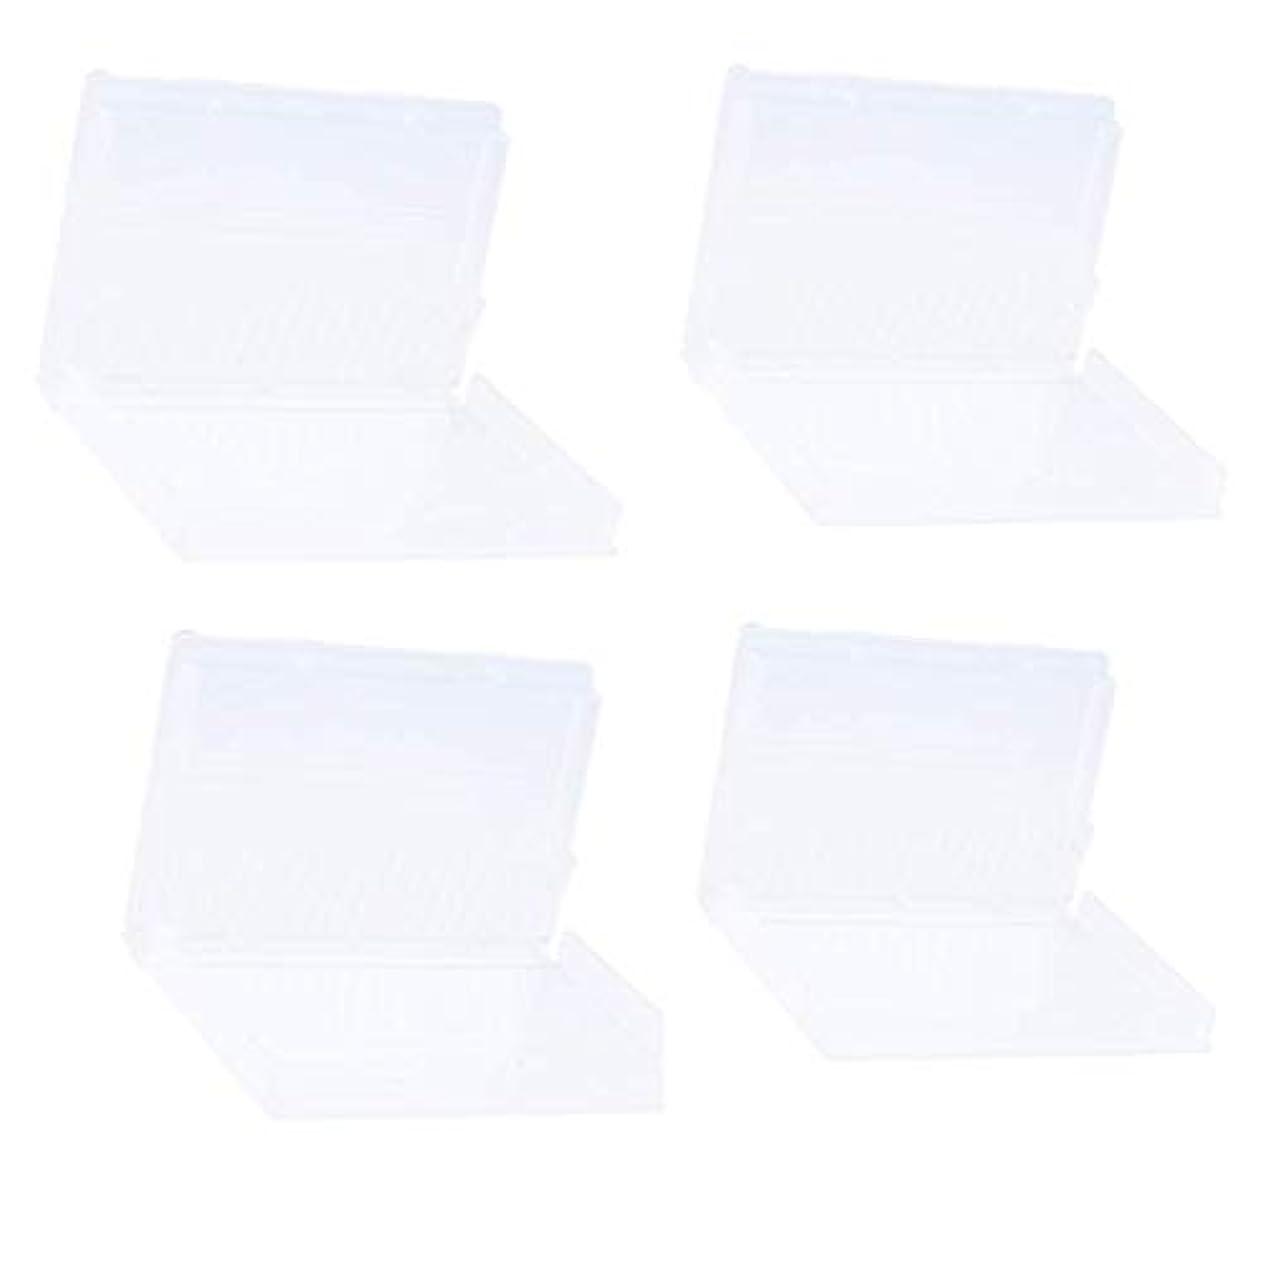 セクション落ち着いた可能Sharplace ネイルドリルビットホルダー ネイルドリルビットボックス プラスチック材料 20穴収納 マニキュアボックス